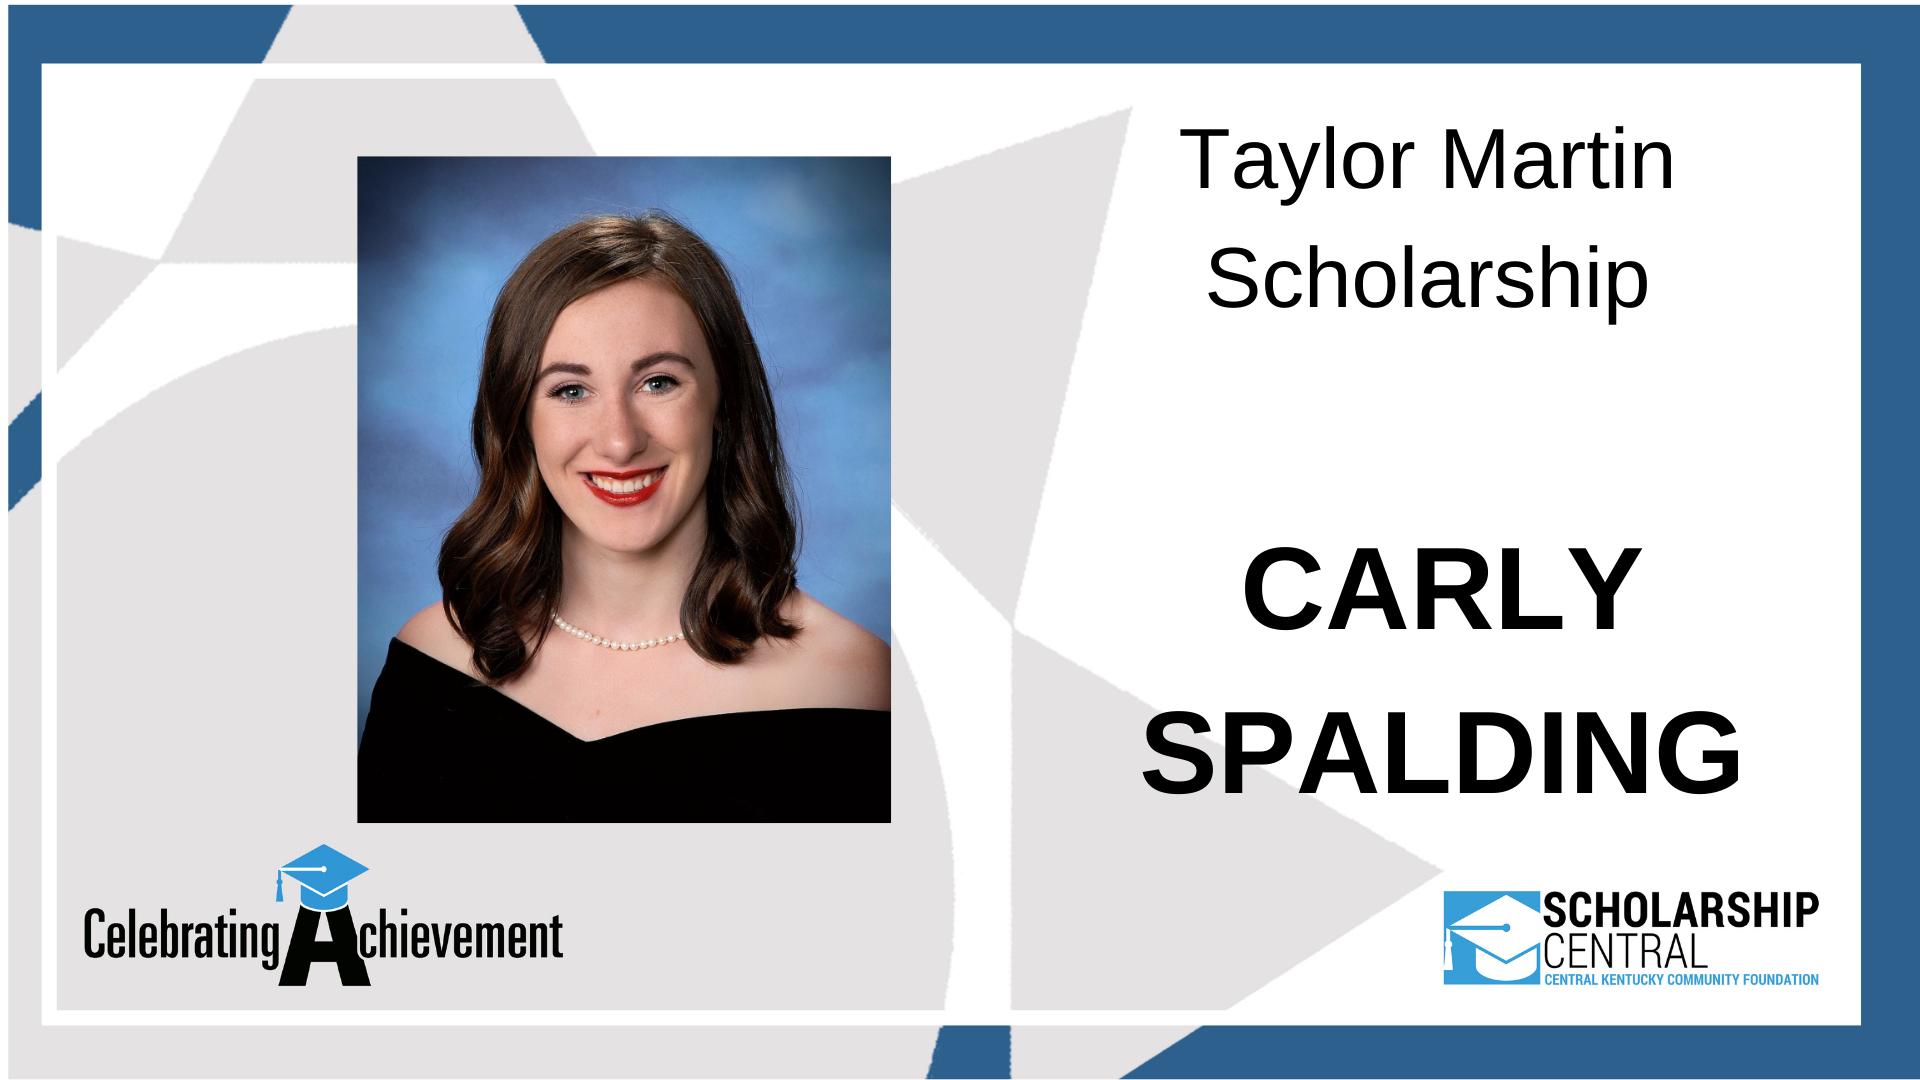 Taylor Martin Scholarship Winner